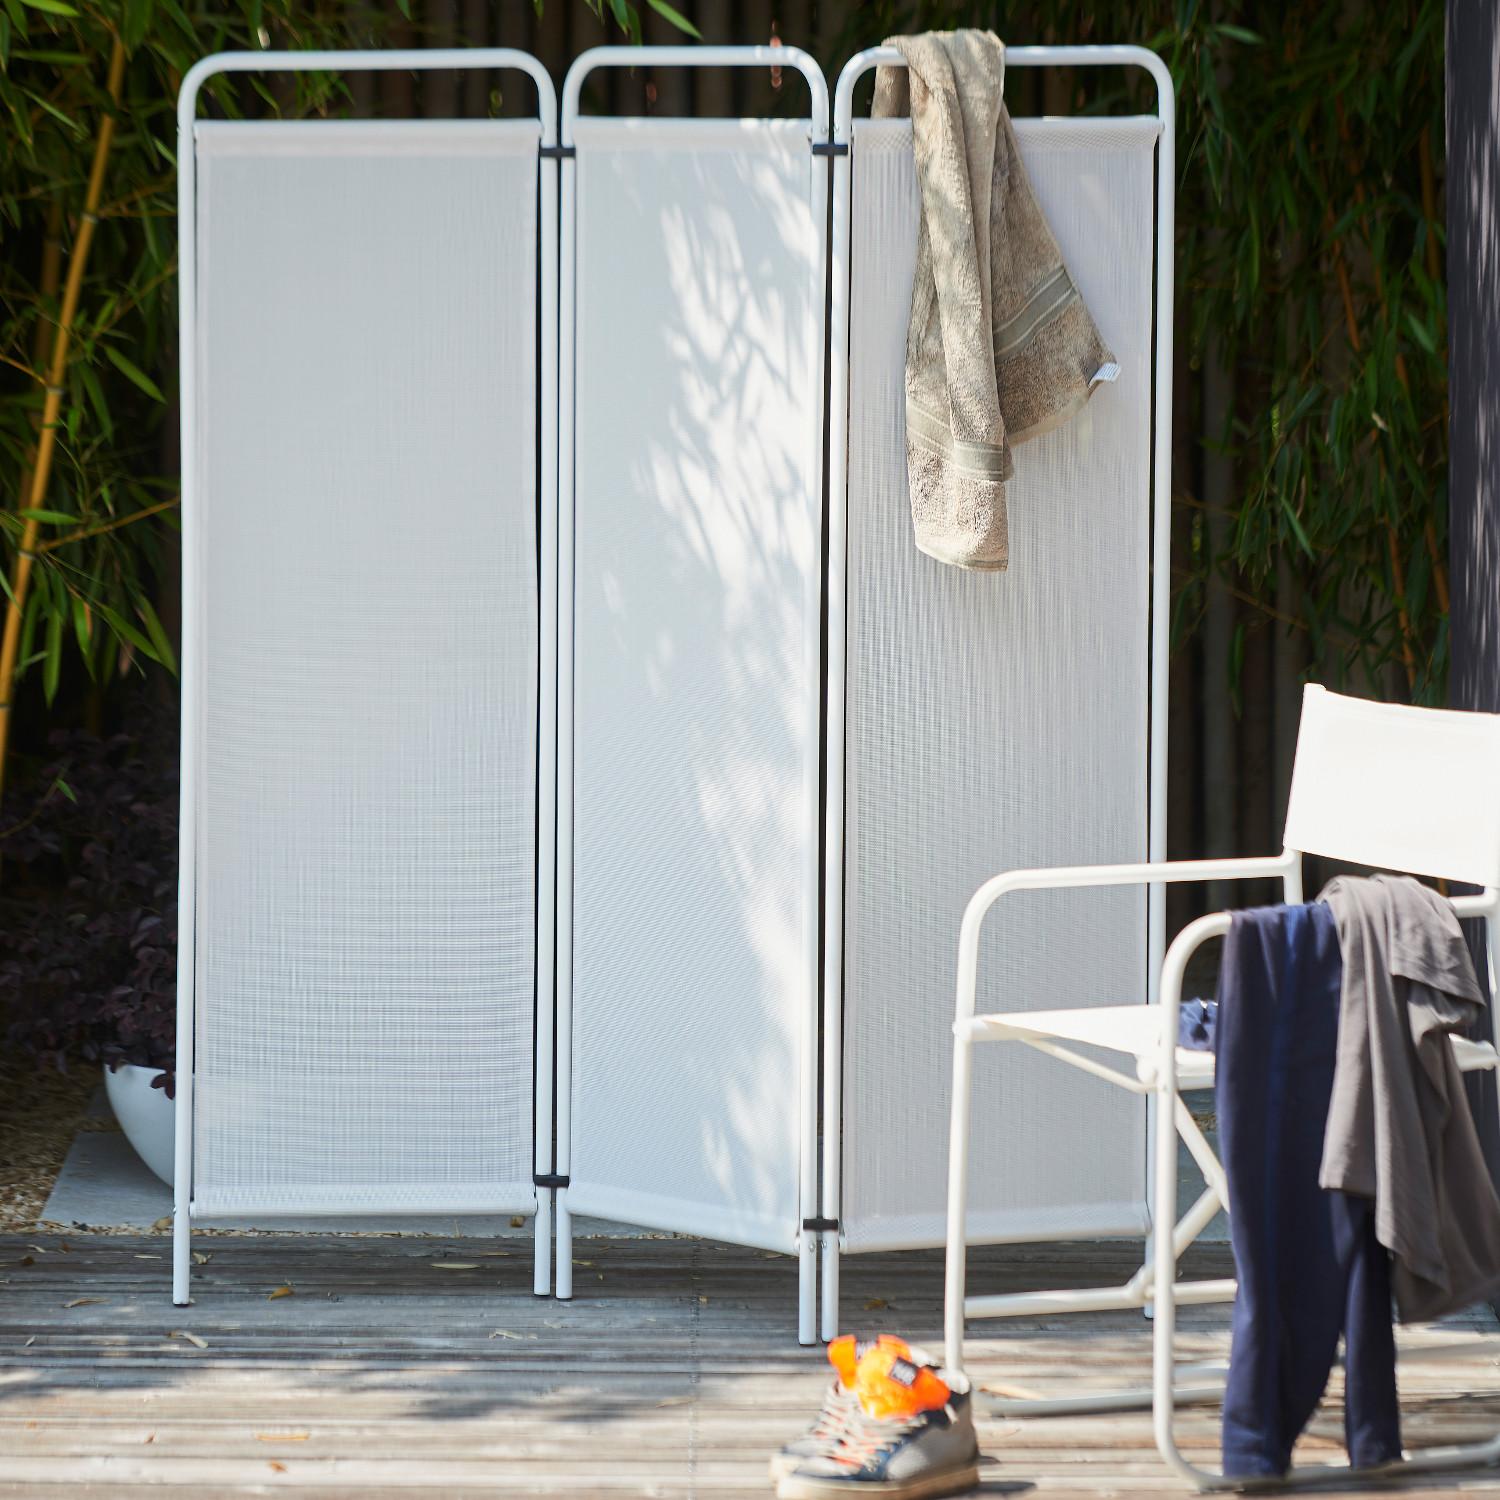 Full Size of Paravent Outdoor Metall Amazon Balkon Garten Polyrattan Glas Bambus Holz Jan Kurtz Fiam Mbel Shop Küche Kaufen Edelstahl Wohnzimmer Paravent Outdoor